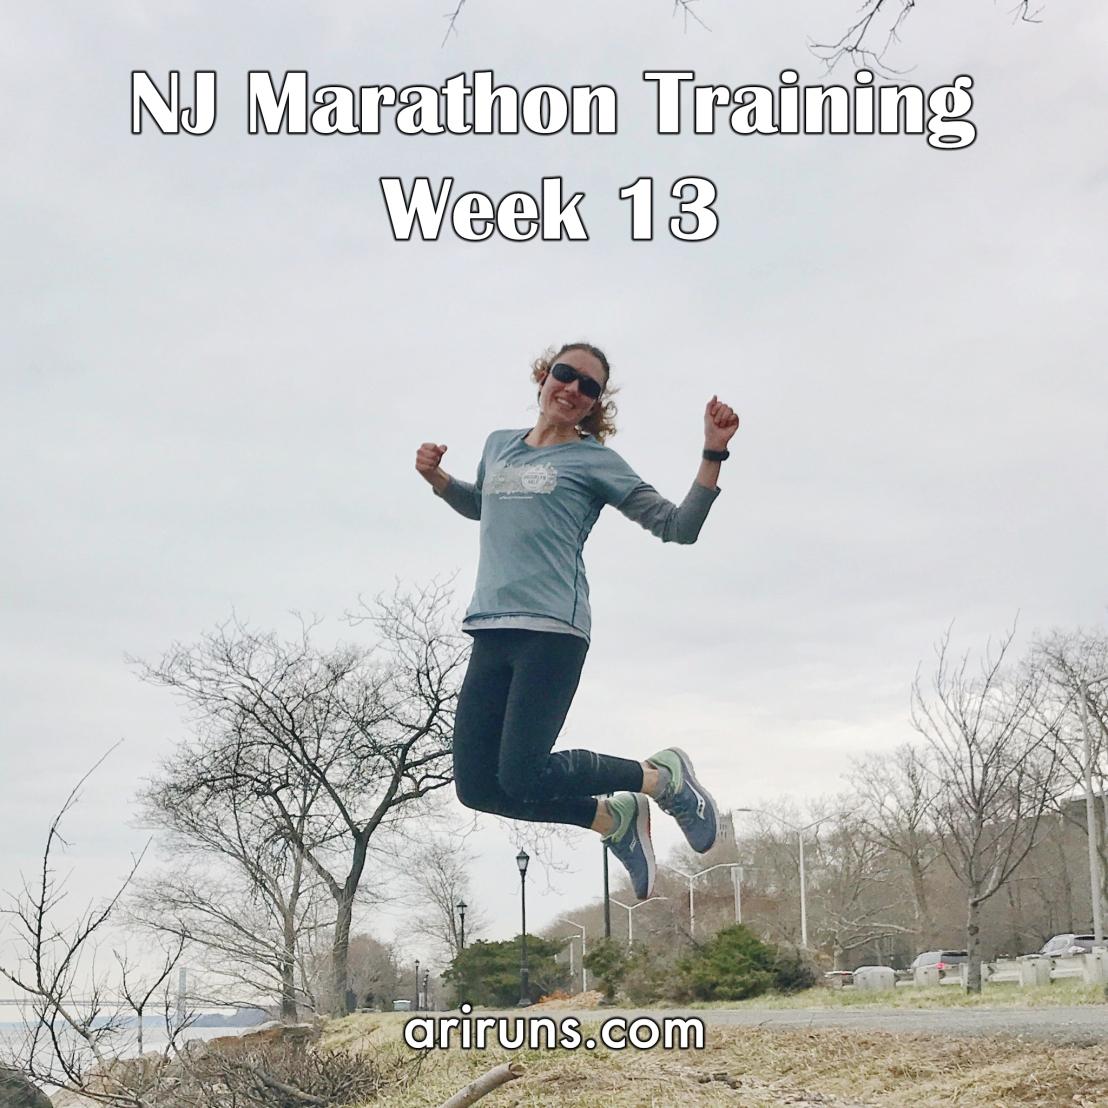 IMG_4528 NJ Marathon Training Week 13